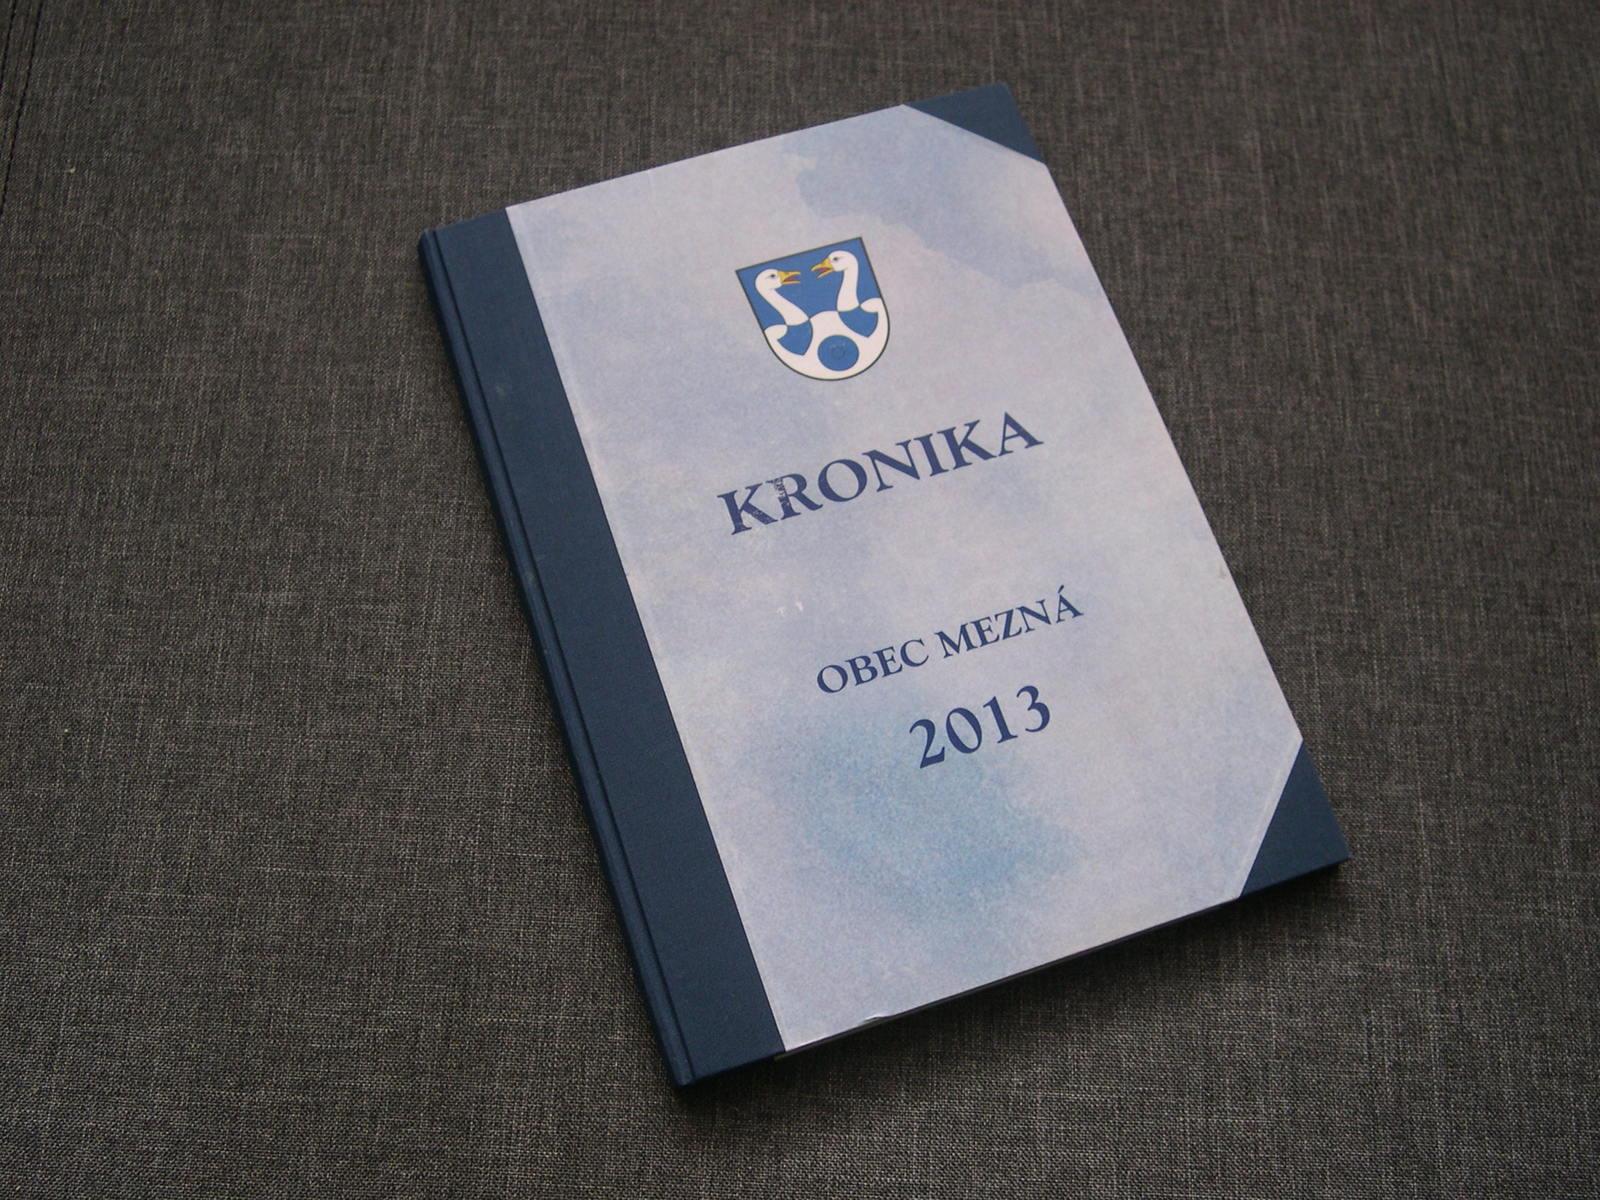 Kronika 2013